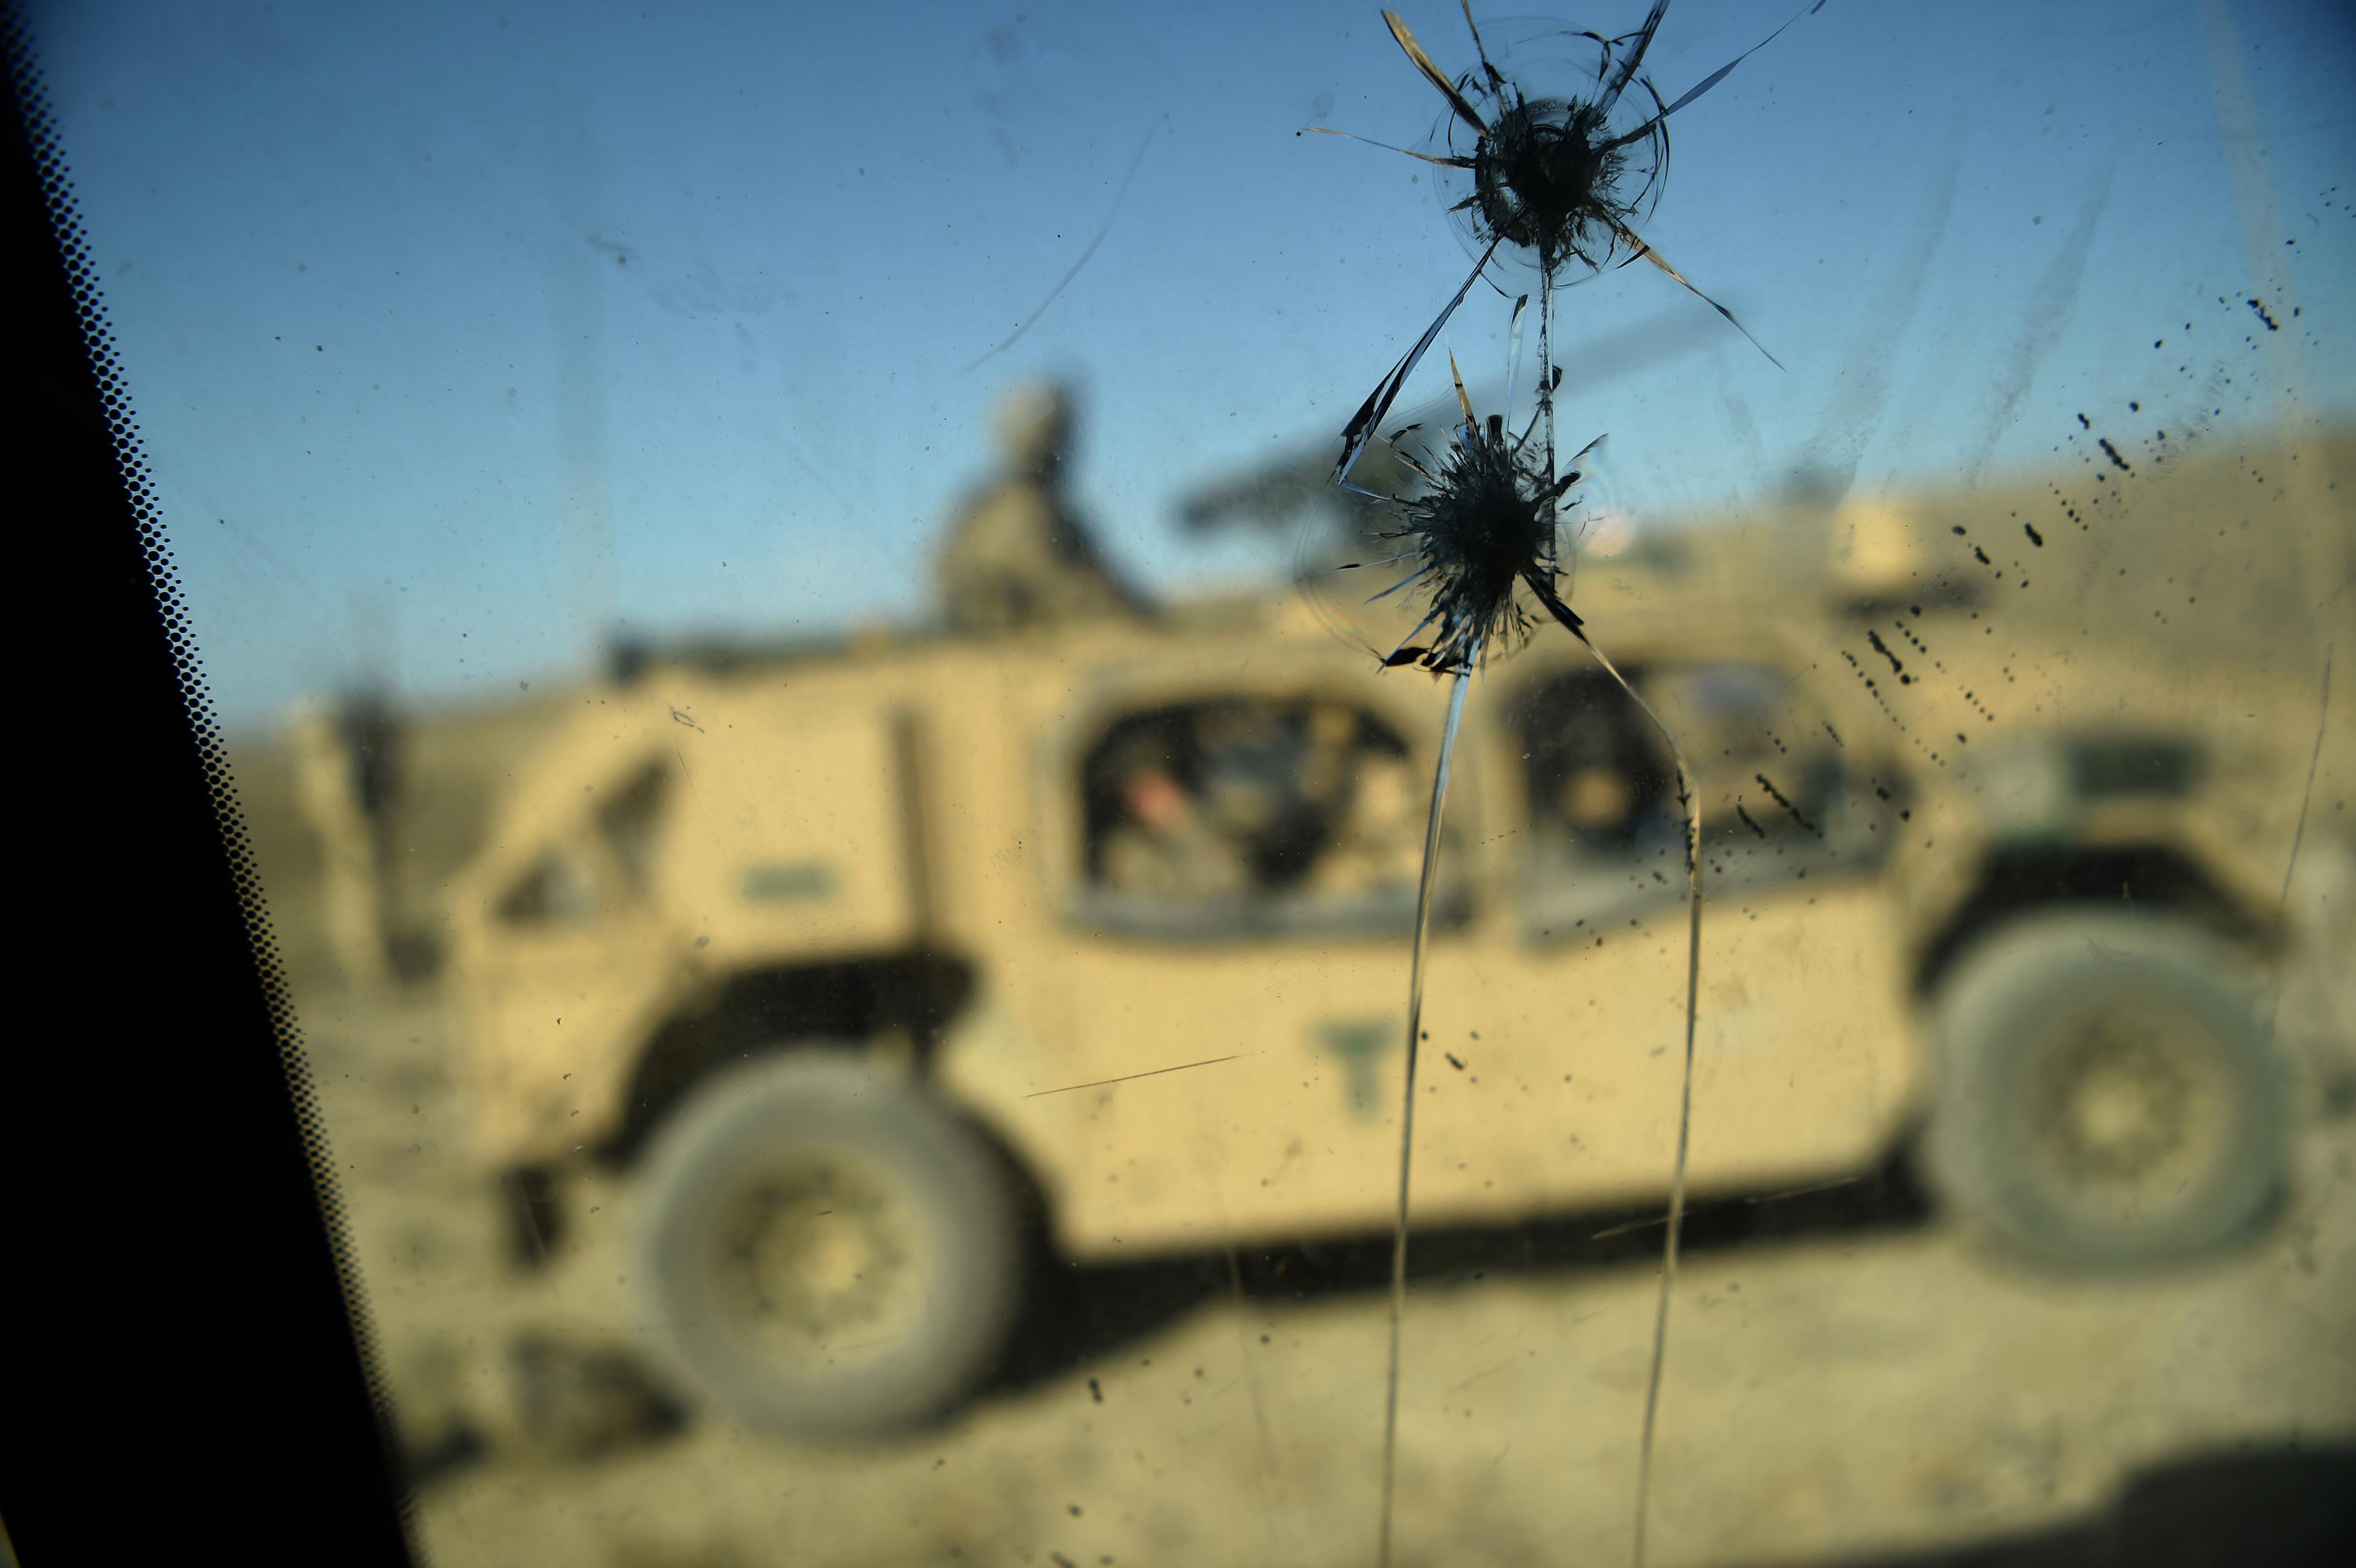 Szülészeten és temetőben történt merénylet egyazon napon Afganisztánban